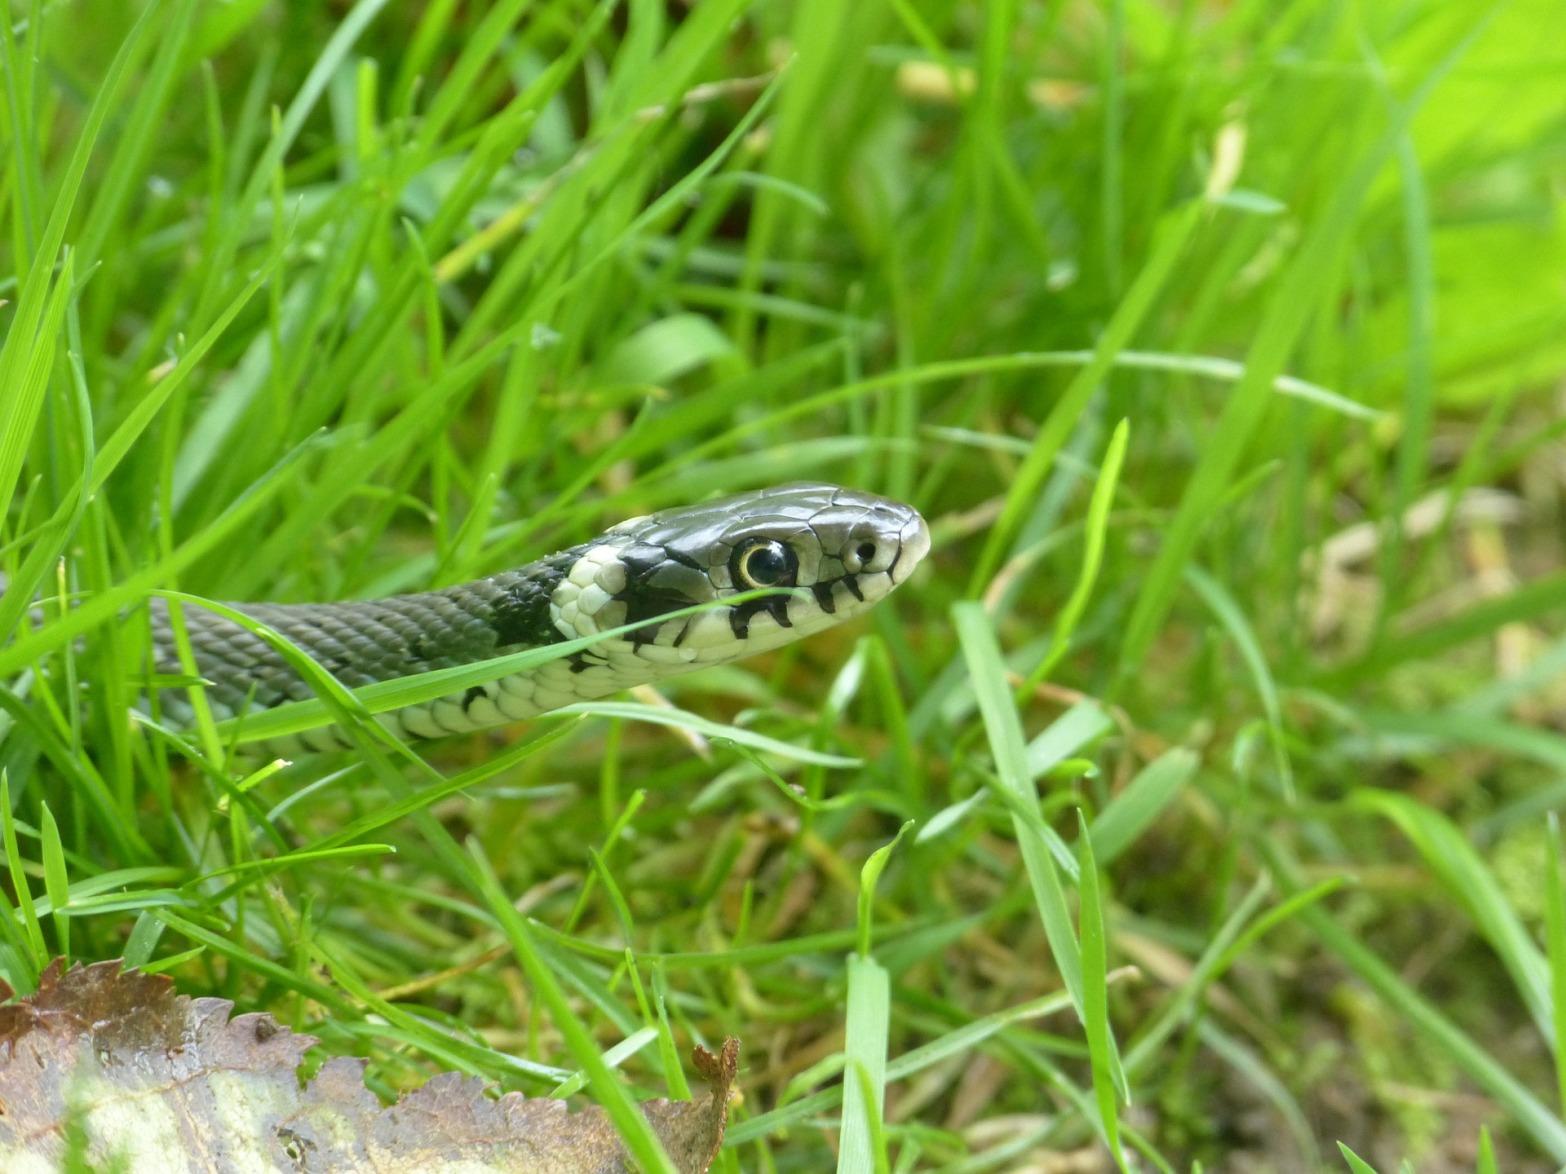 grass-snake-634638_1920